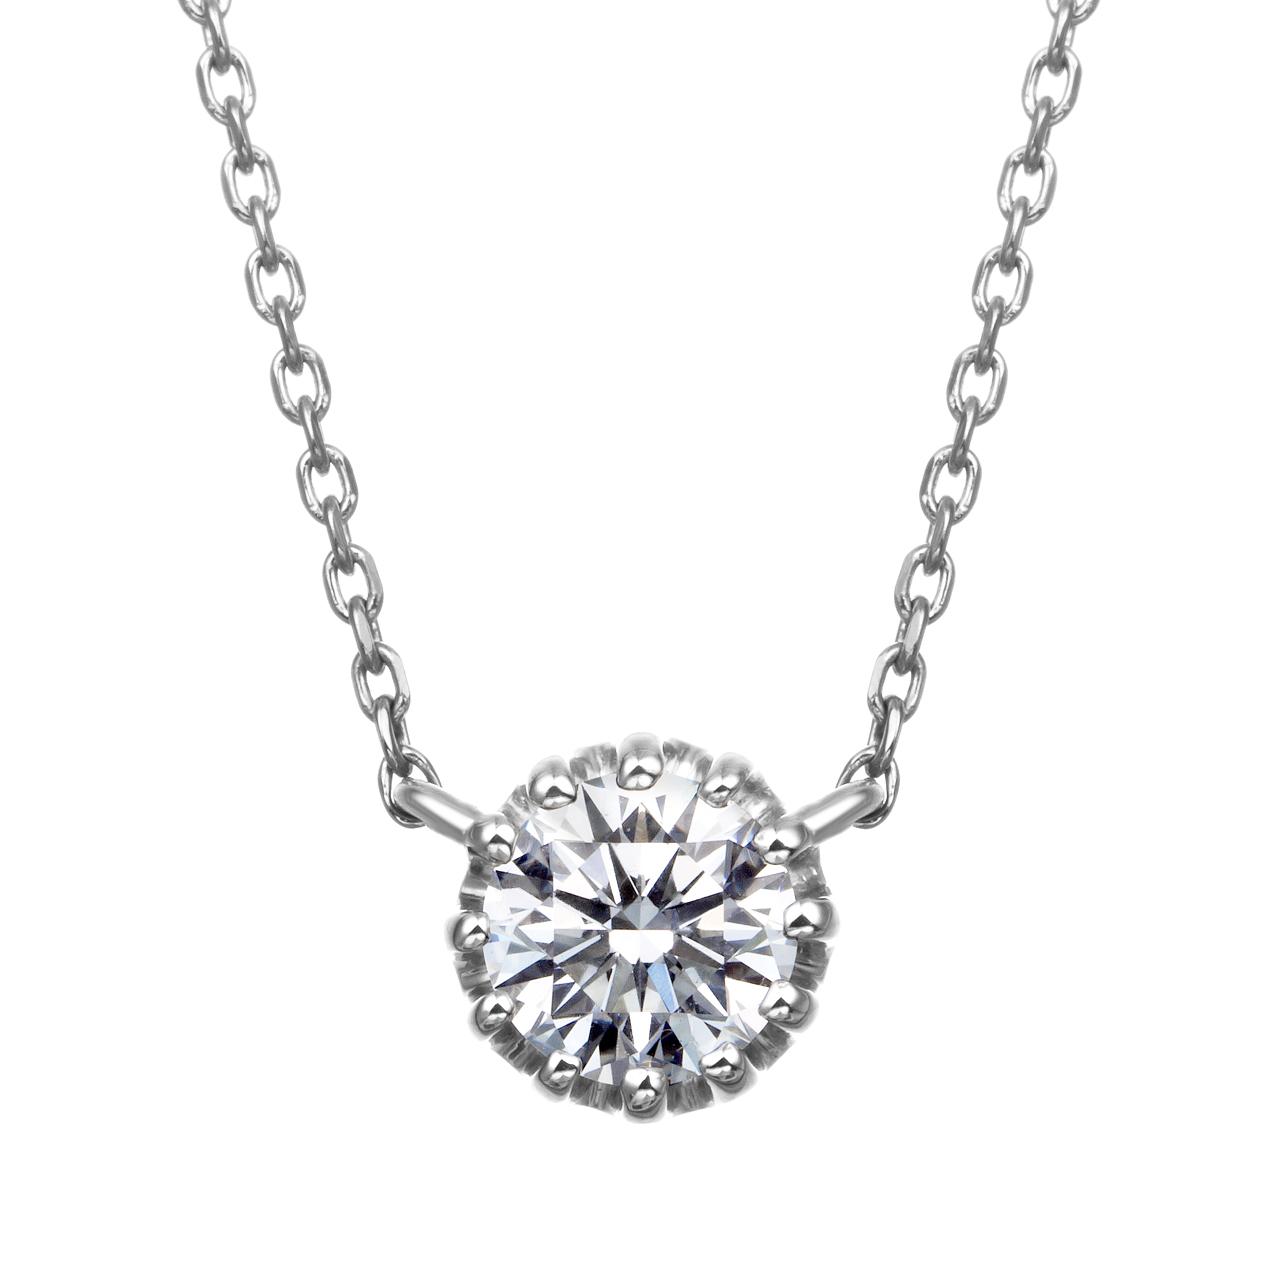 ダイヤモンド12ポイントネックレス